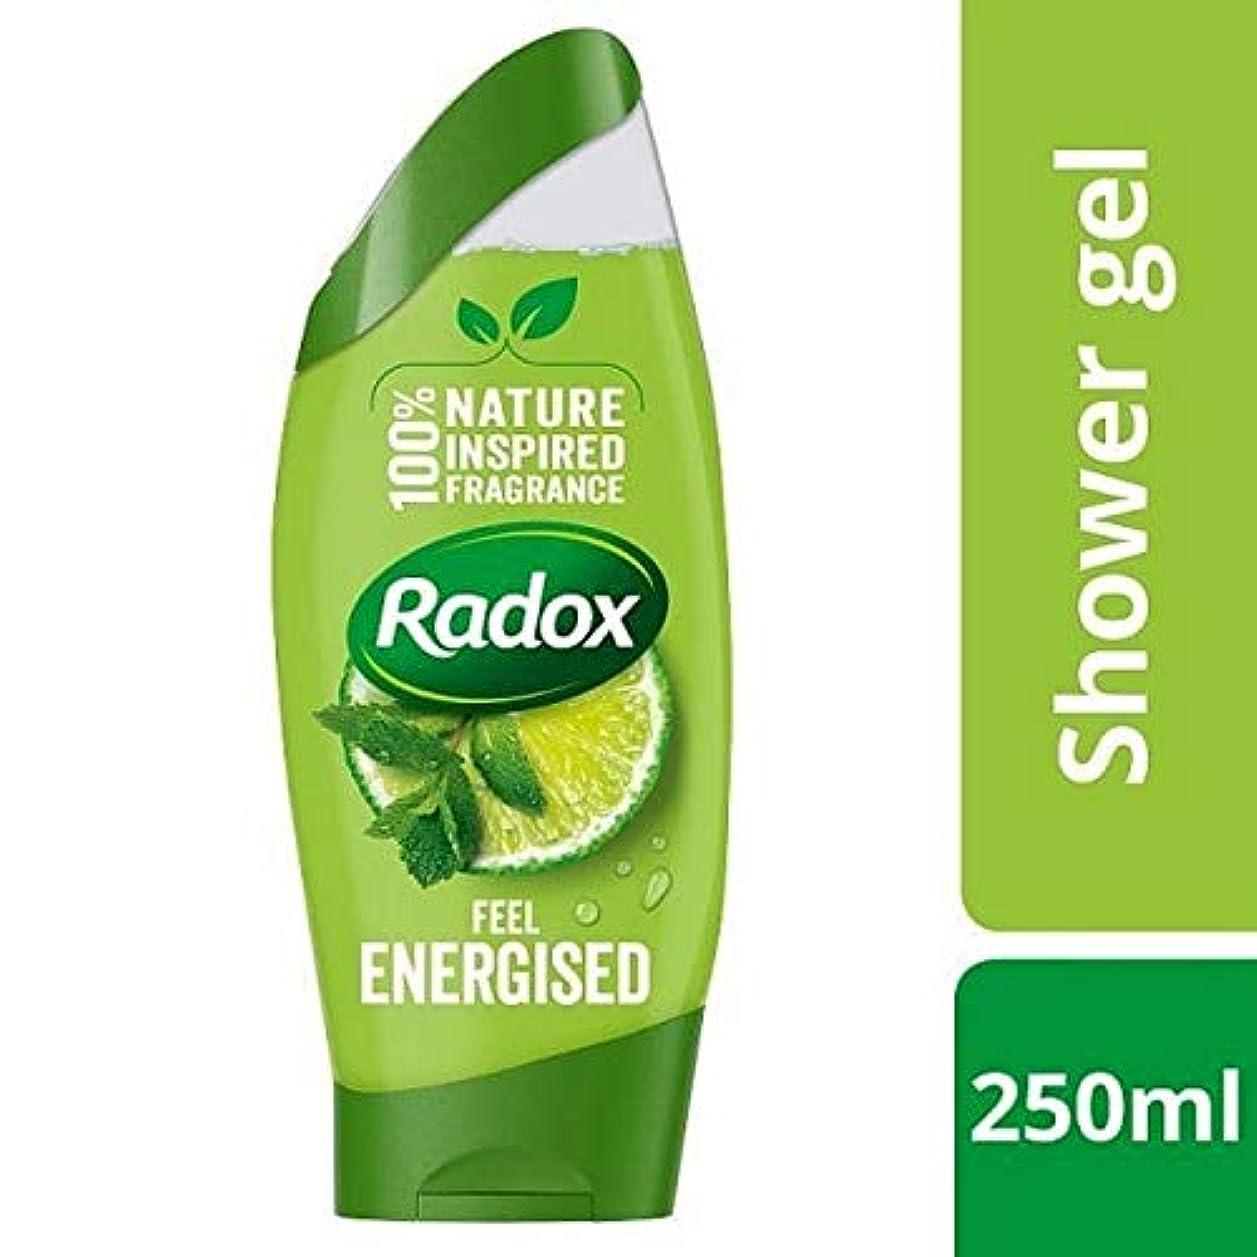 浮くすずめ透明に[Radox] Radoxは通電シャワージェル250ミリリットルを感じます - Radox Feel Energised Shower Gel 250ml [並行輸入品]